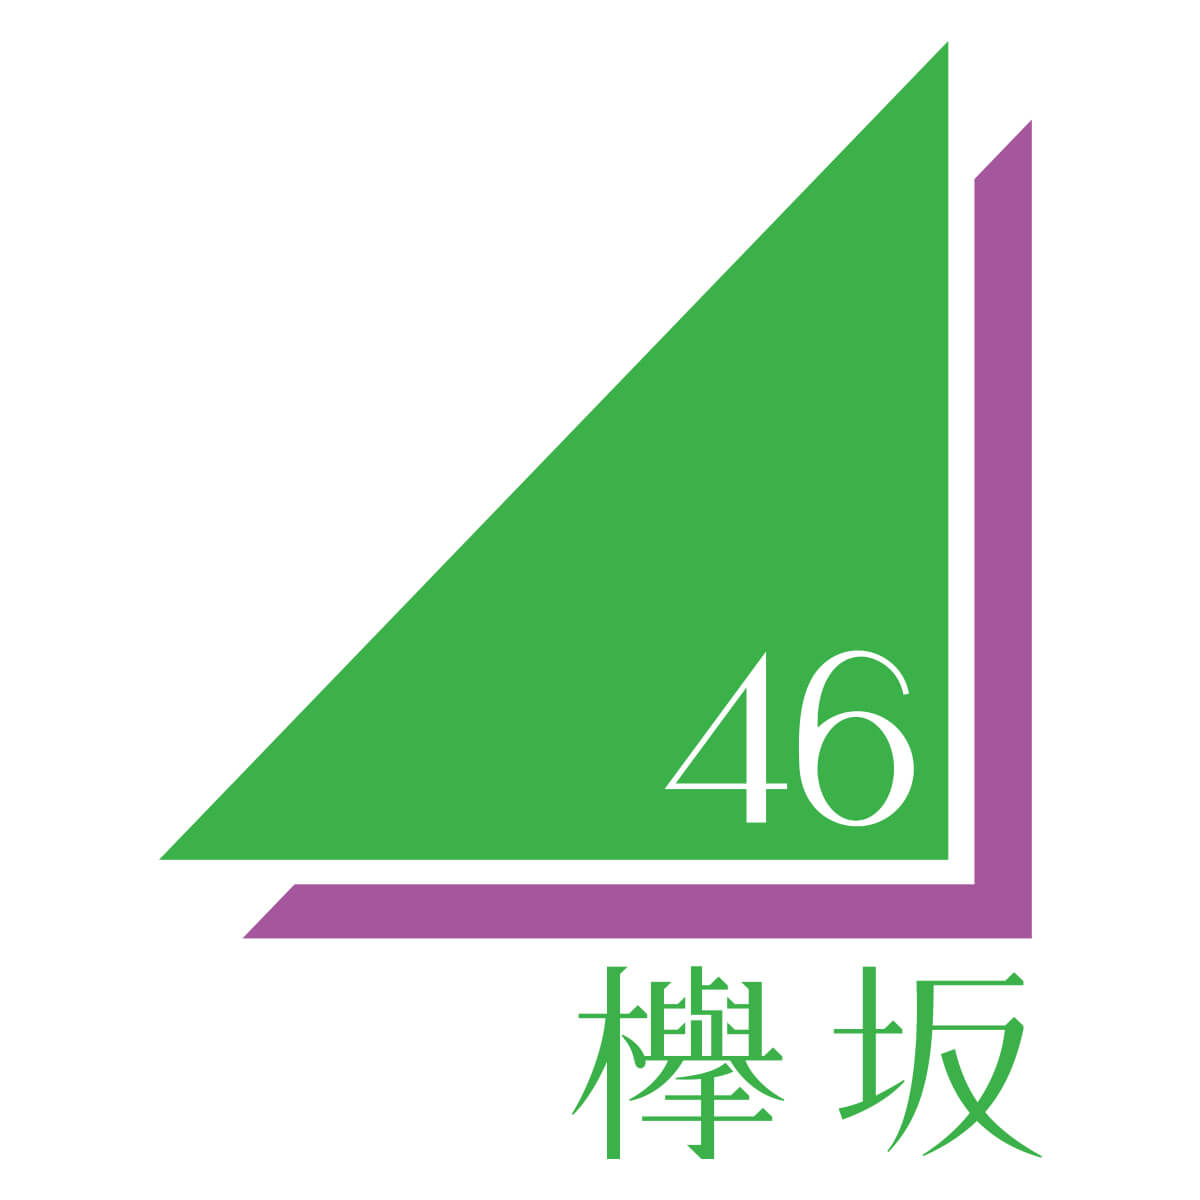 欅坂46「二人セゾン」の歌詞の意味、フォーメーション、mvについて大紹介